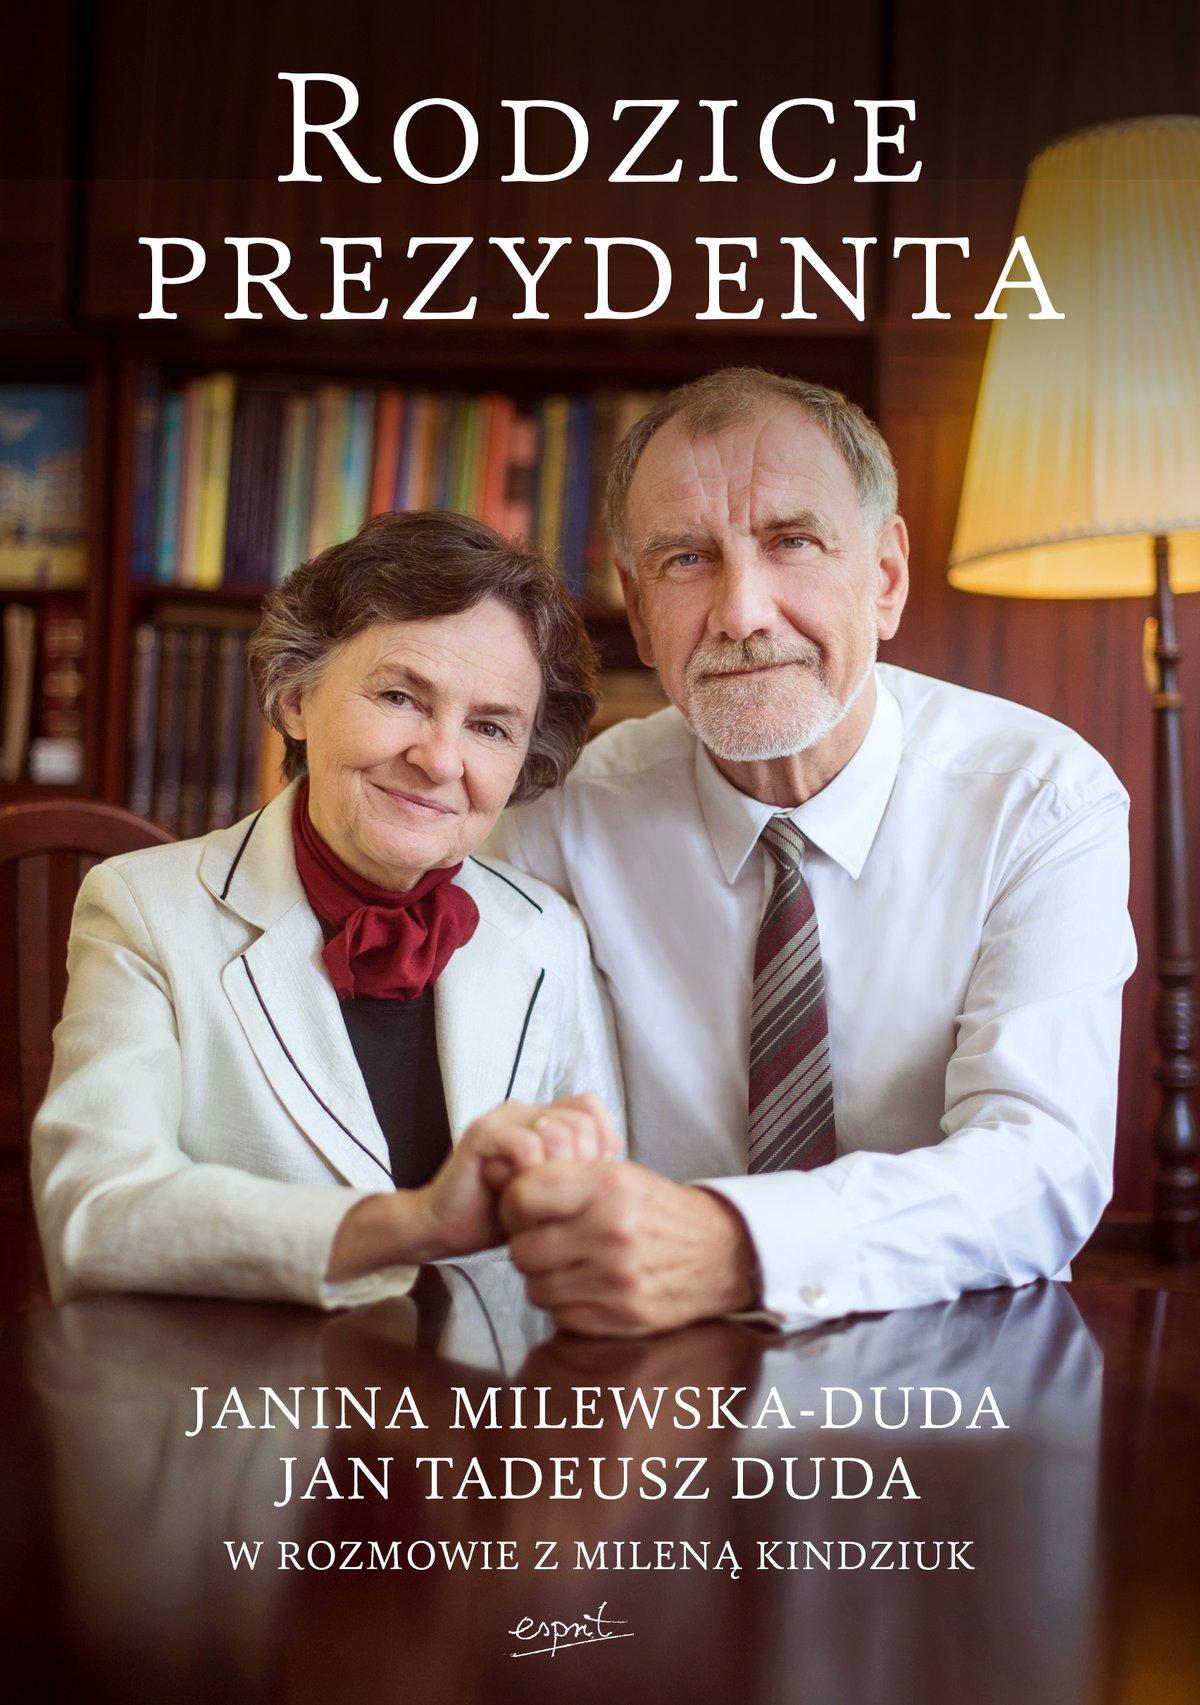 Rodzice prezydenta - Ebook (Książka EPUB) do pobrania w formacie EPUB